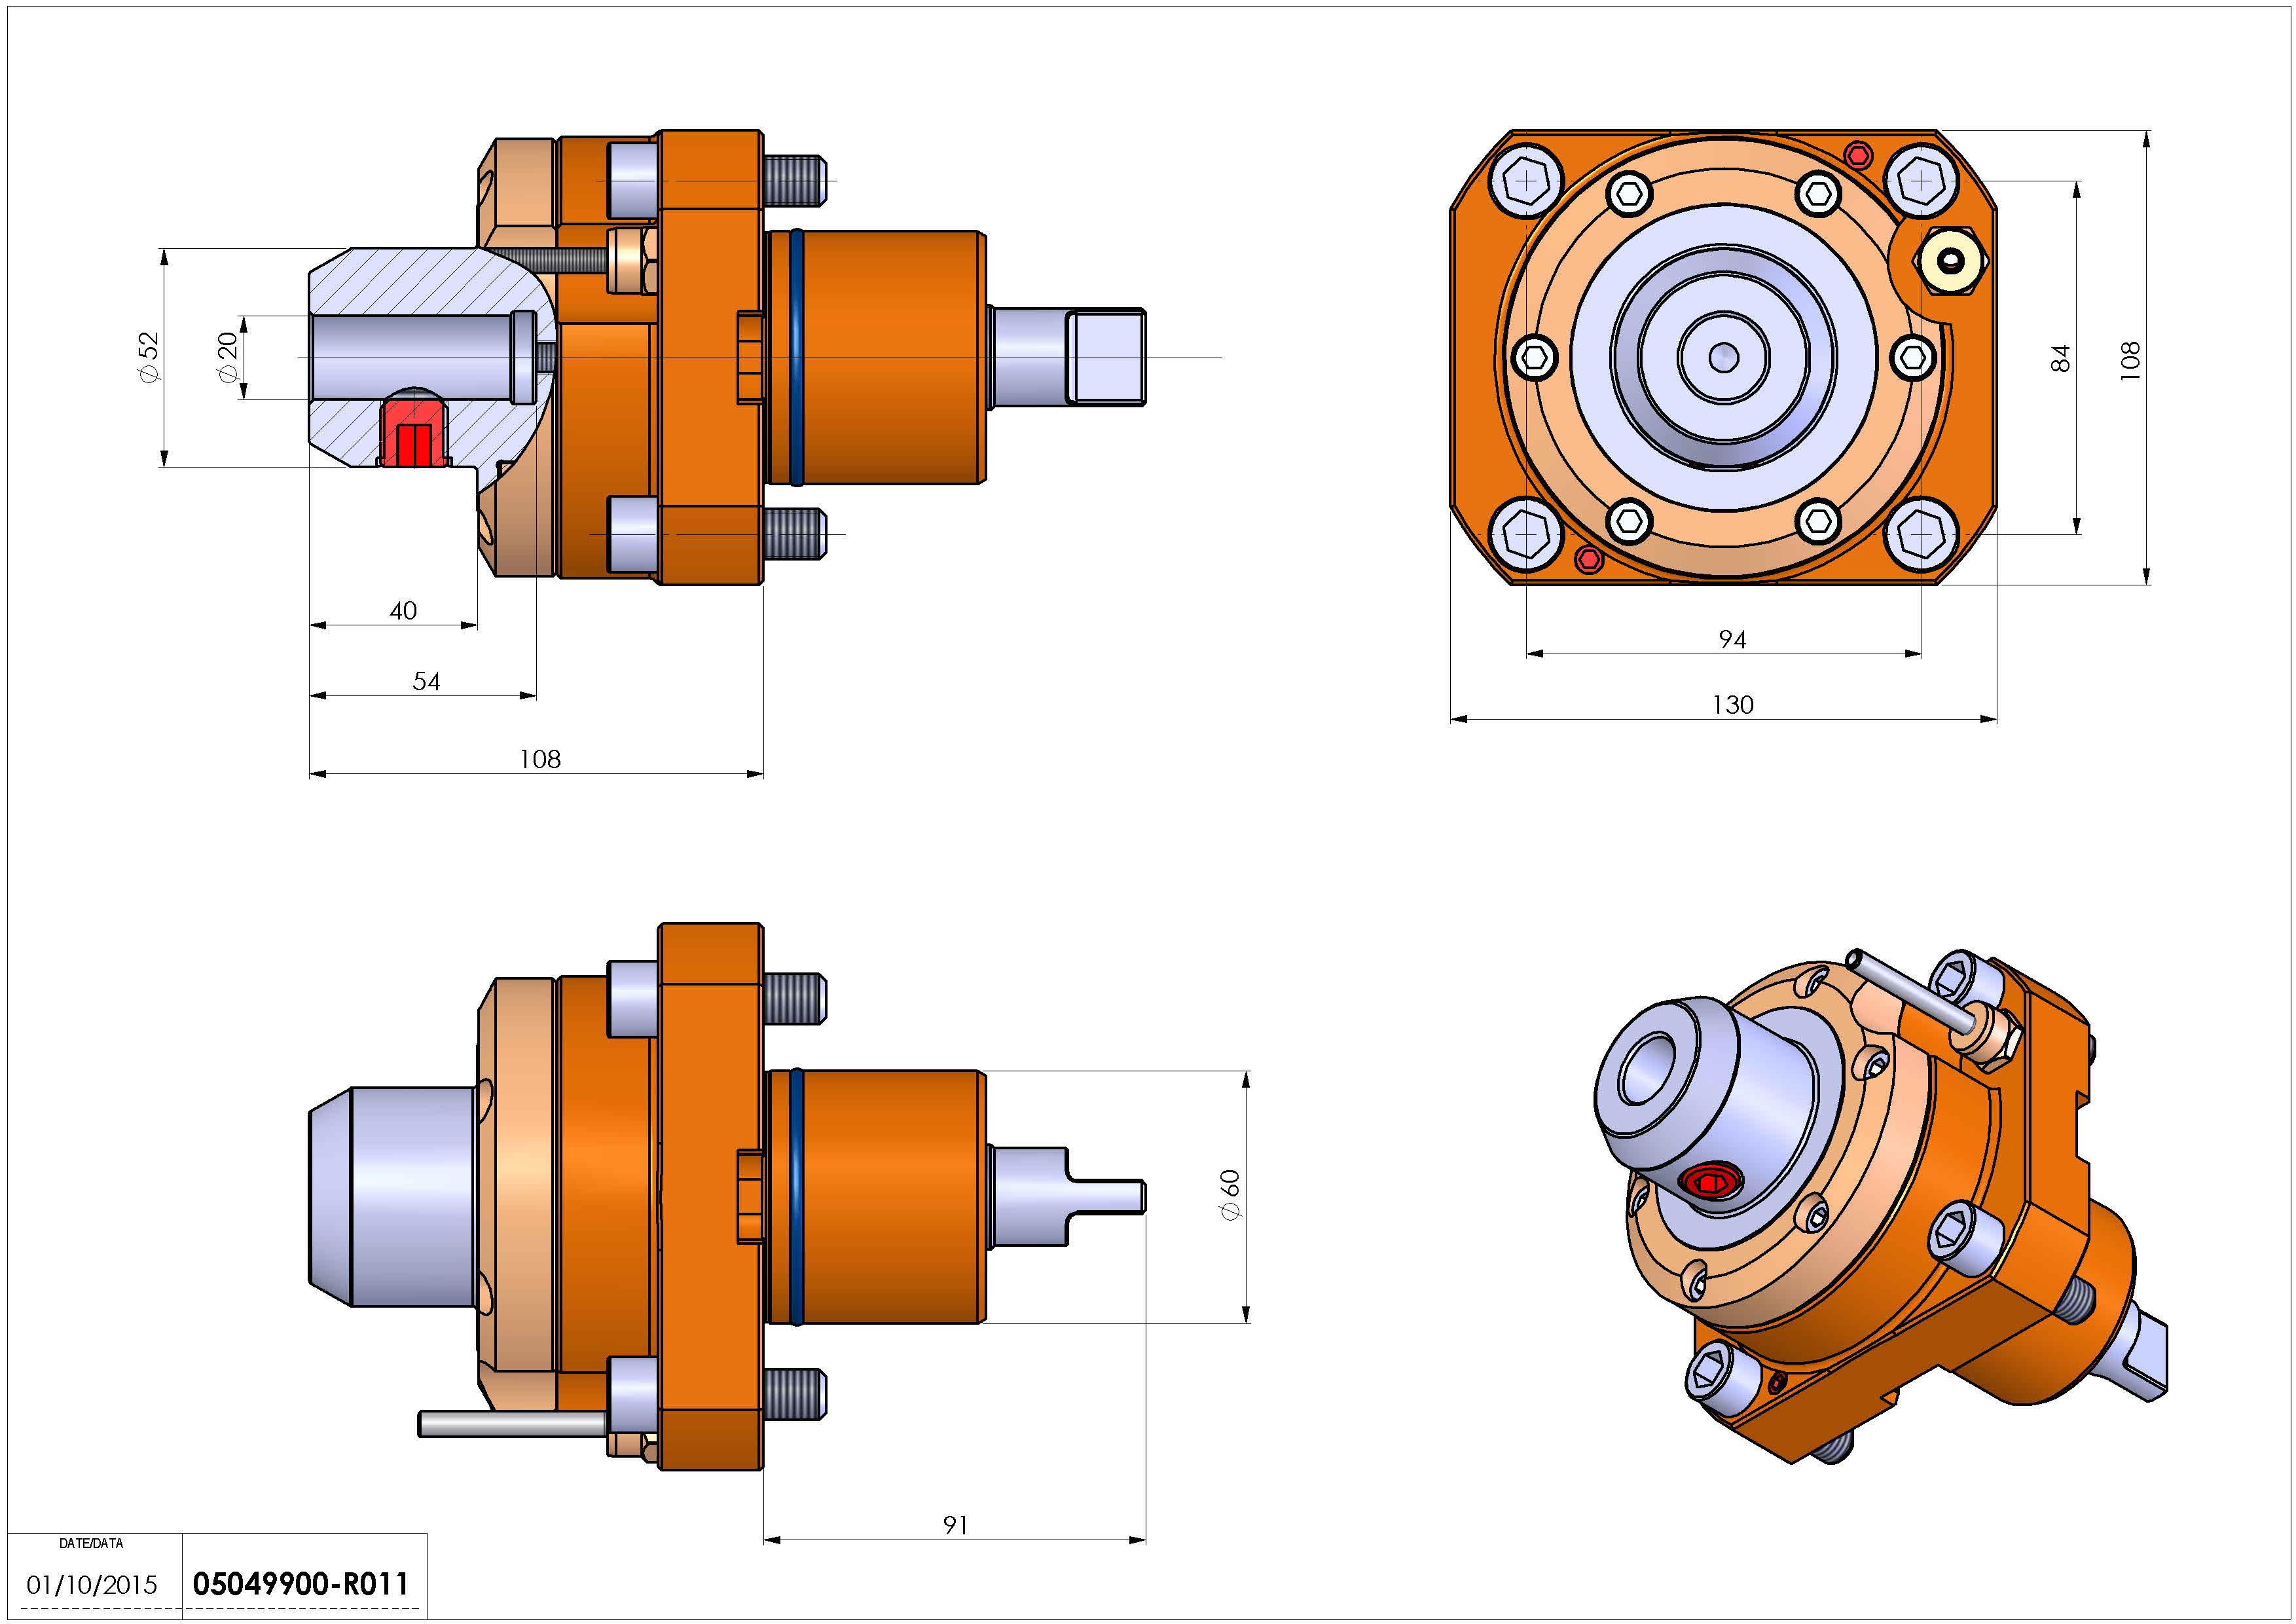 Technical image - LT-S D60 WELDON 20 HS H108.